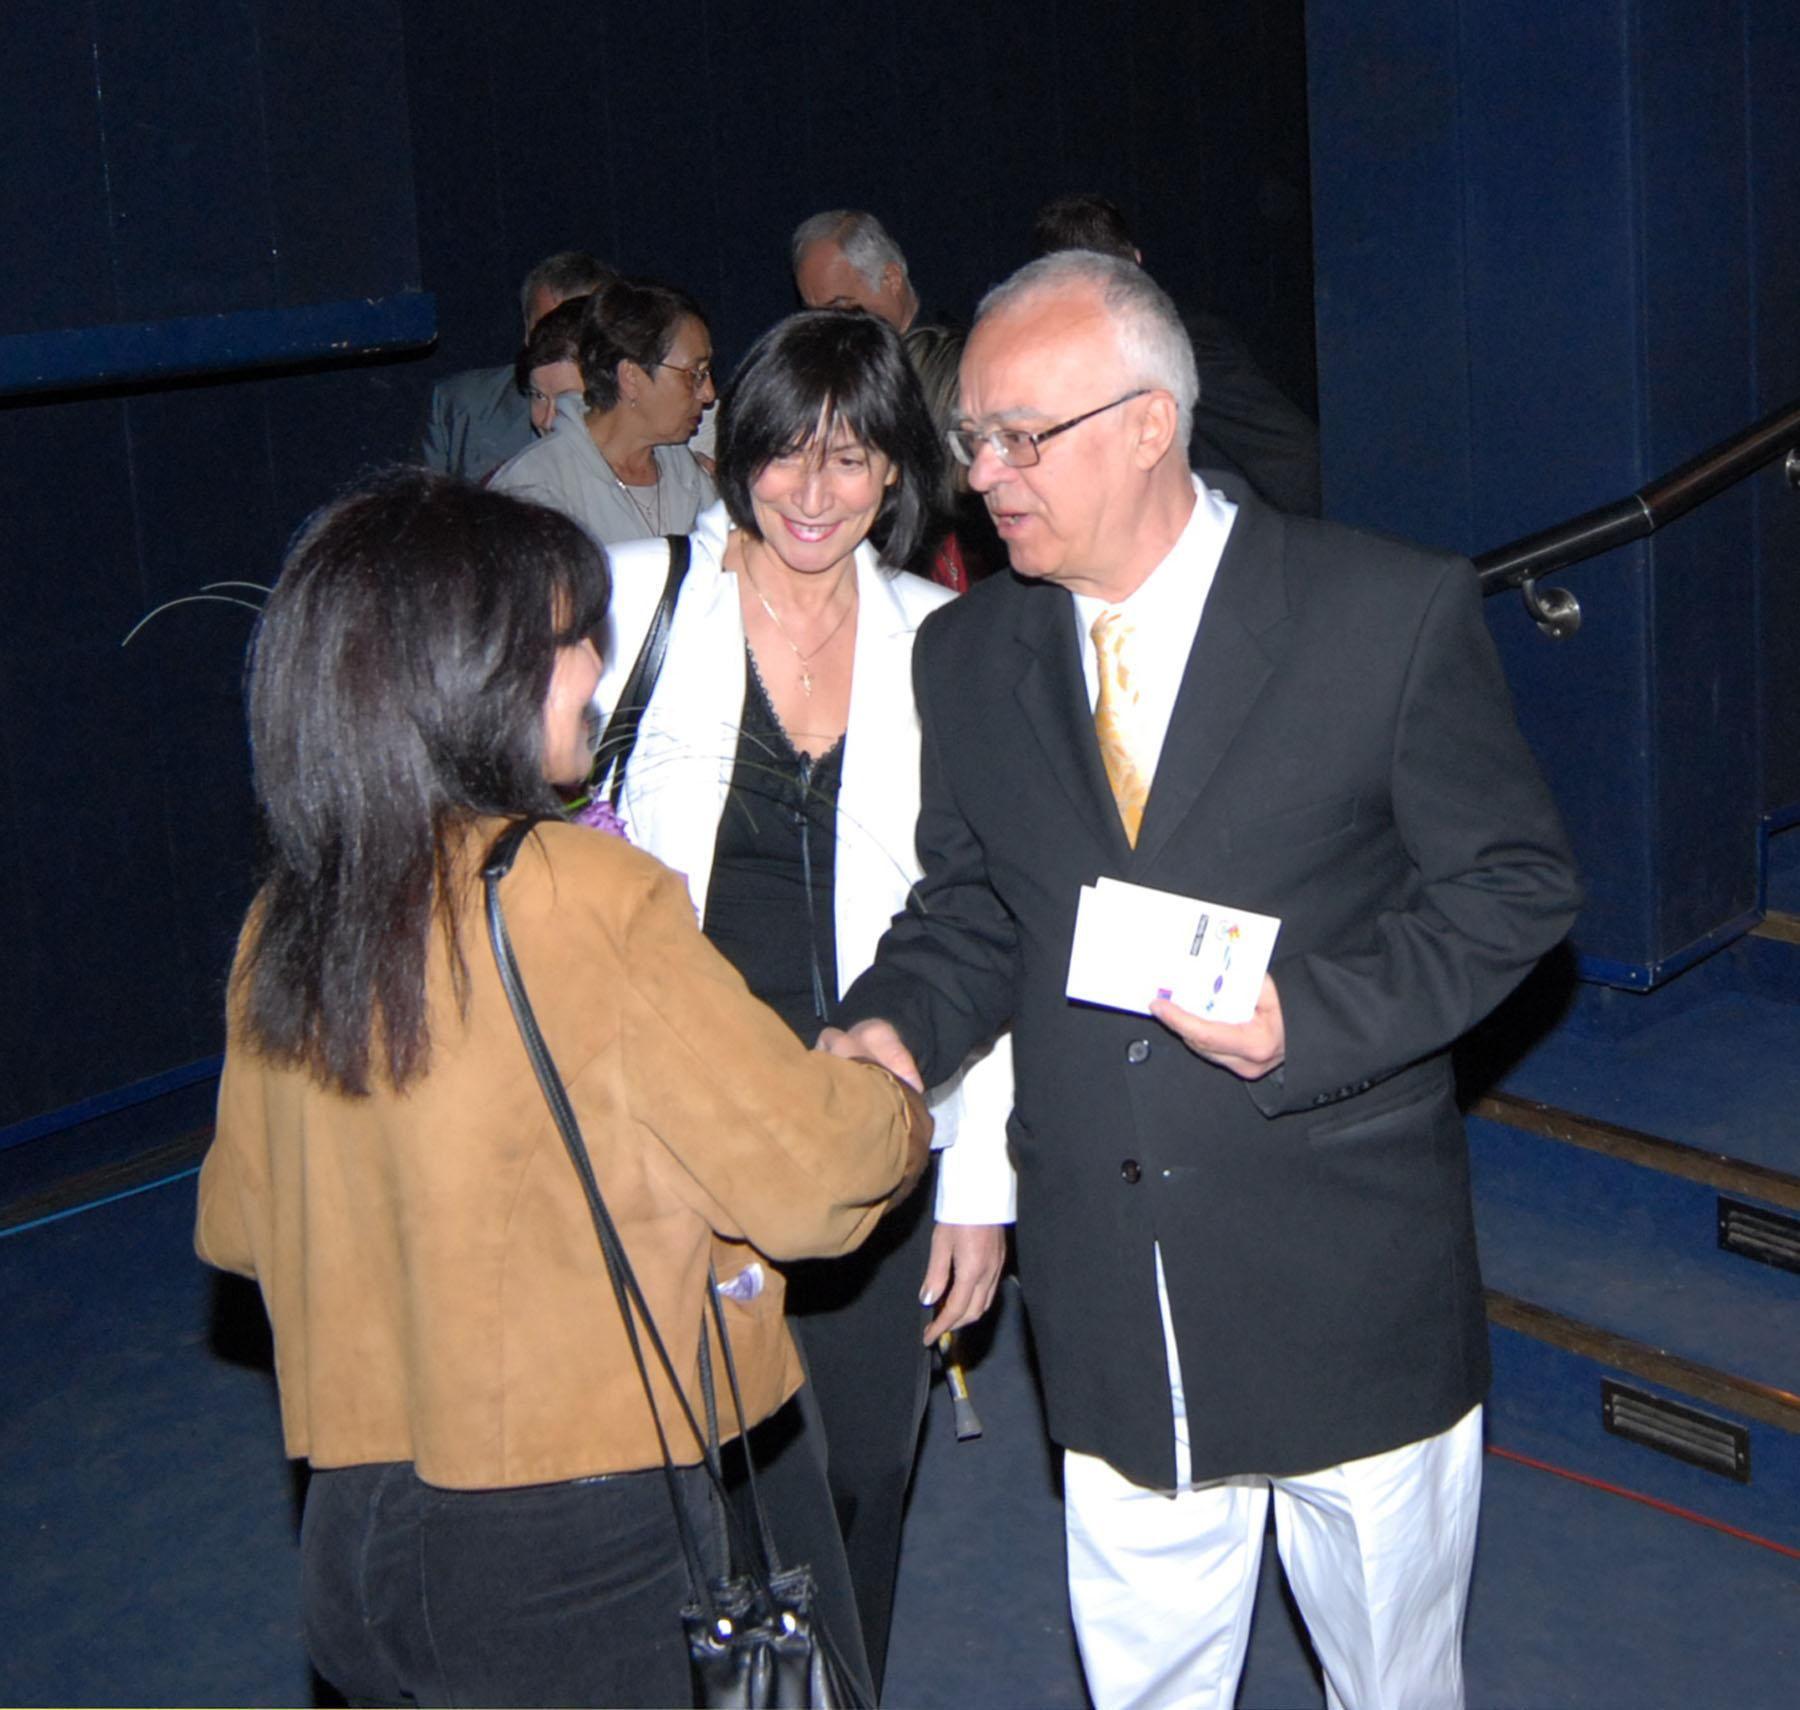 27 април 2004 г. - Проф. Вучков пристига на юбилейния концерт на Мими Иванова в зала 1 на НДК